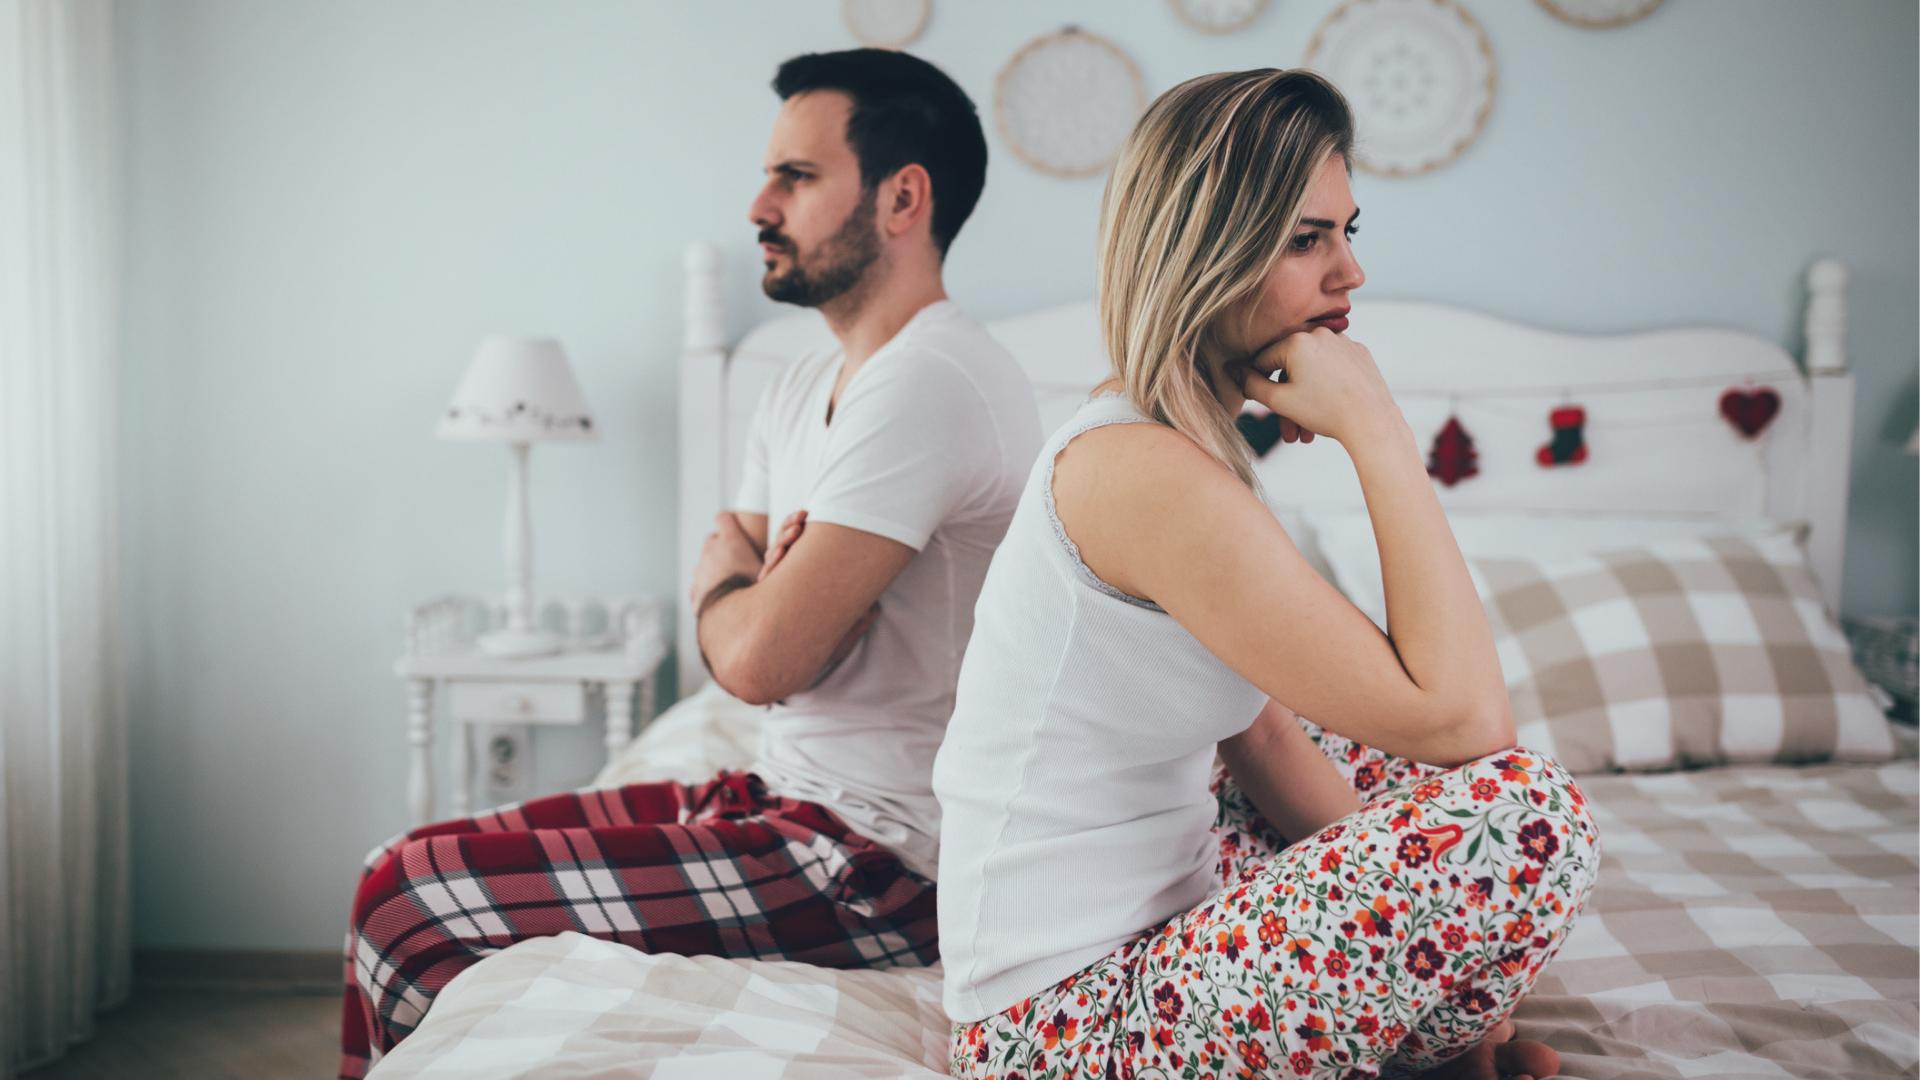 Во время кризиса среднего возраста важно обсуждать свои переживания.